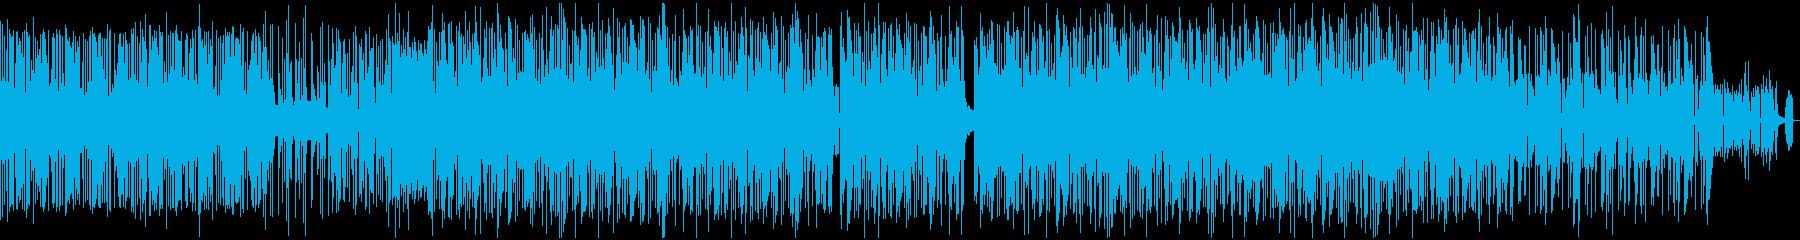 跳ねてスピード感のあるPV的なBGMの再生済みの波形